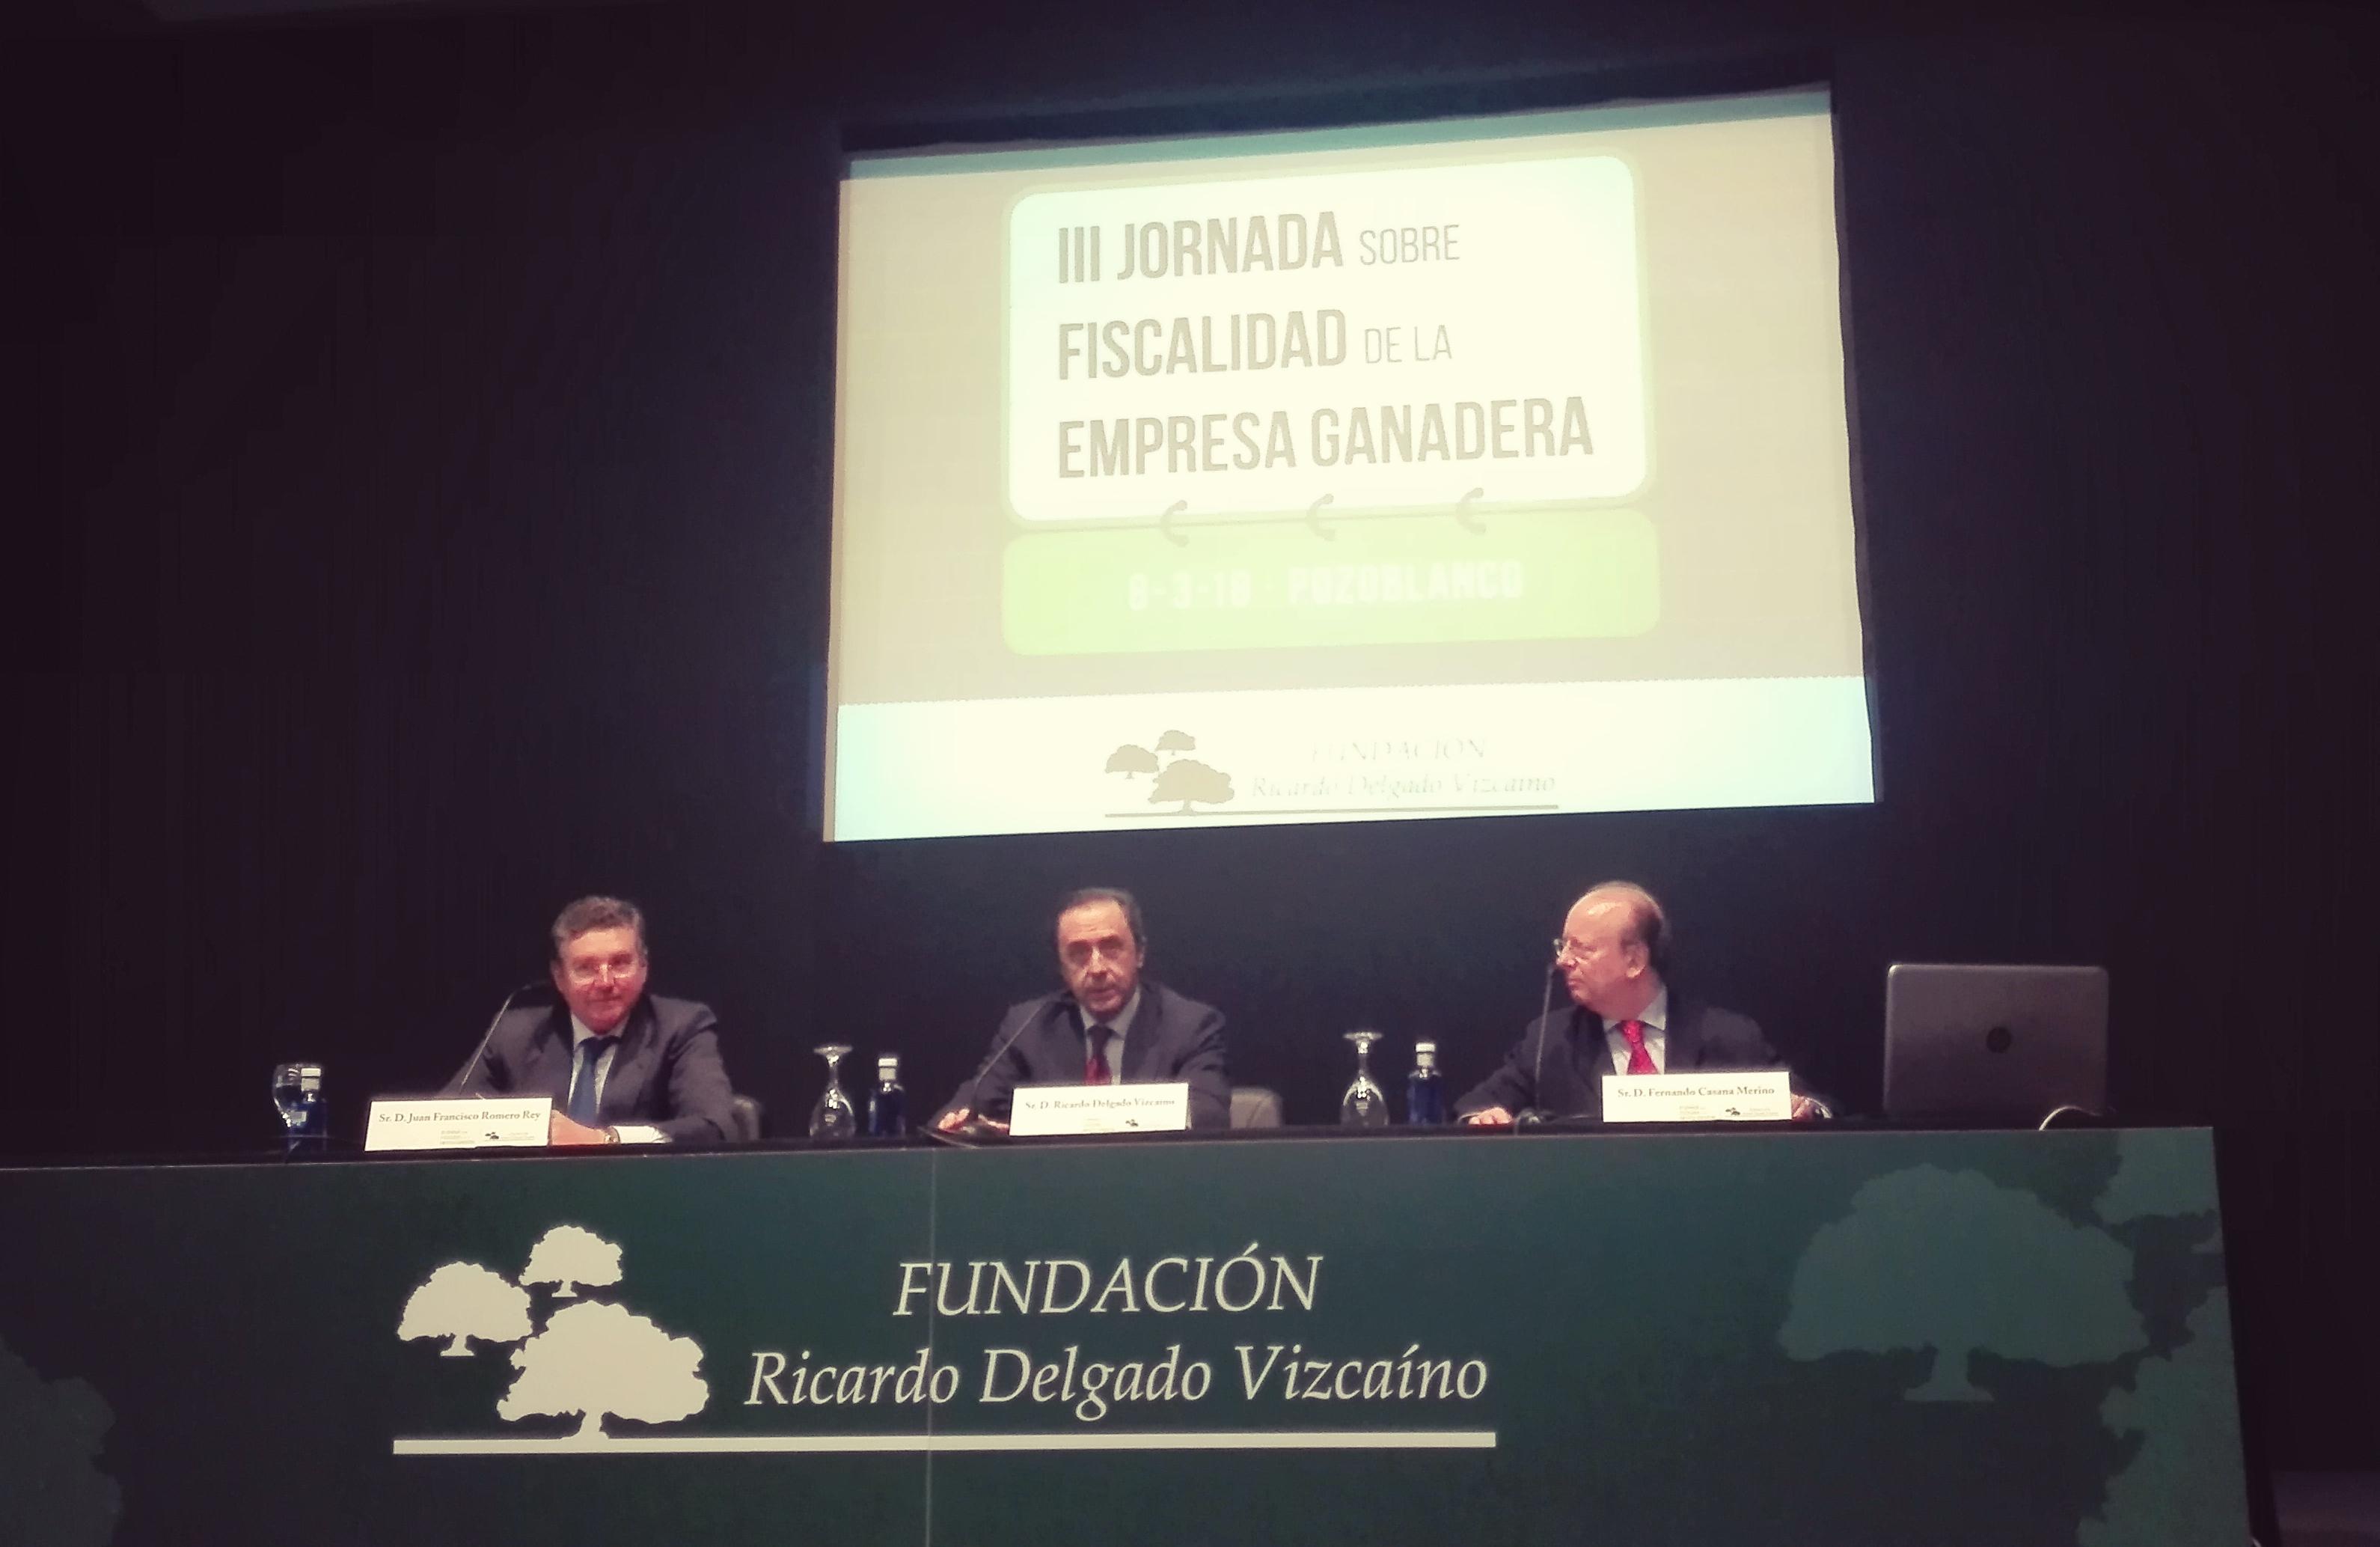 Jornadas de Fiscalidad de la fundación Ricardo Delgado Vizcaíno